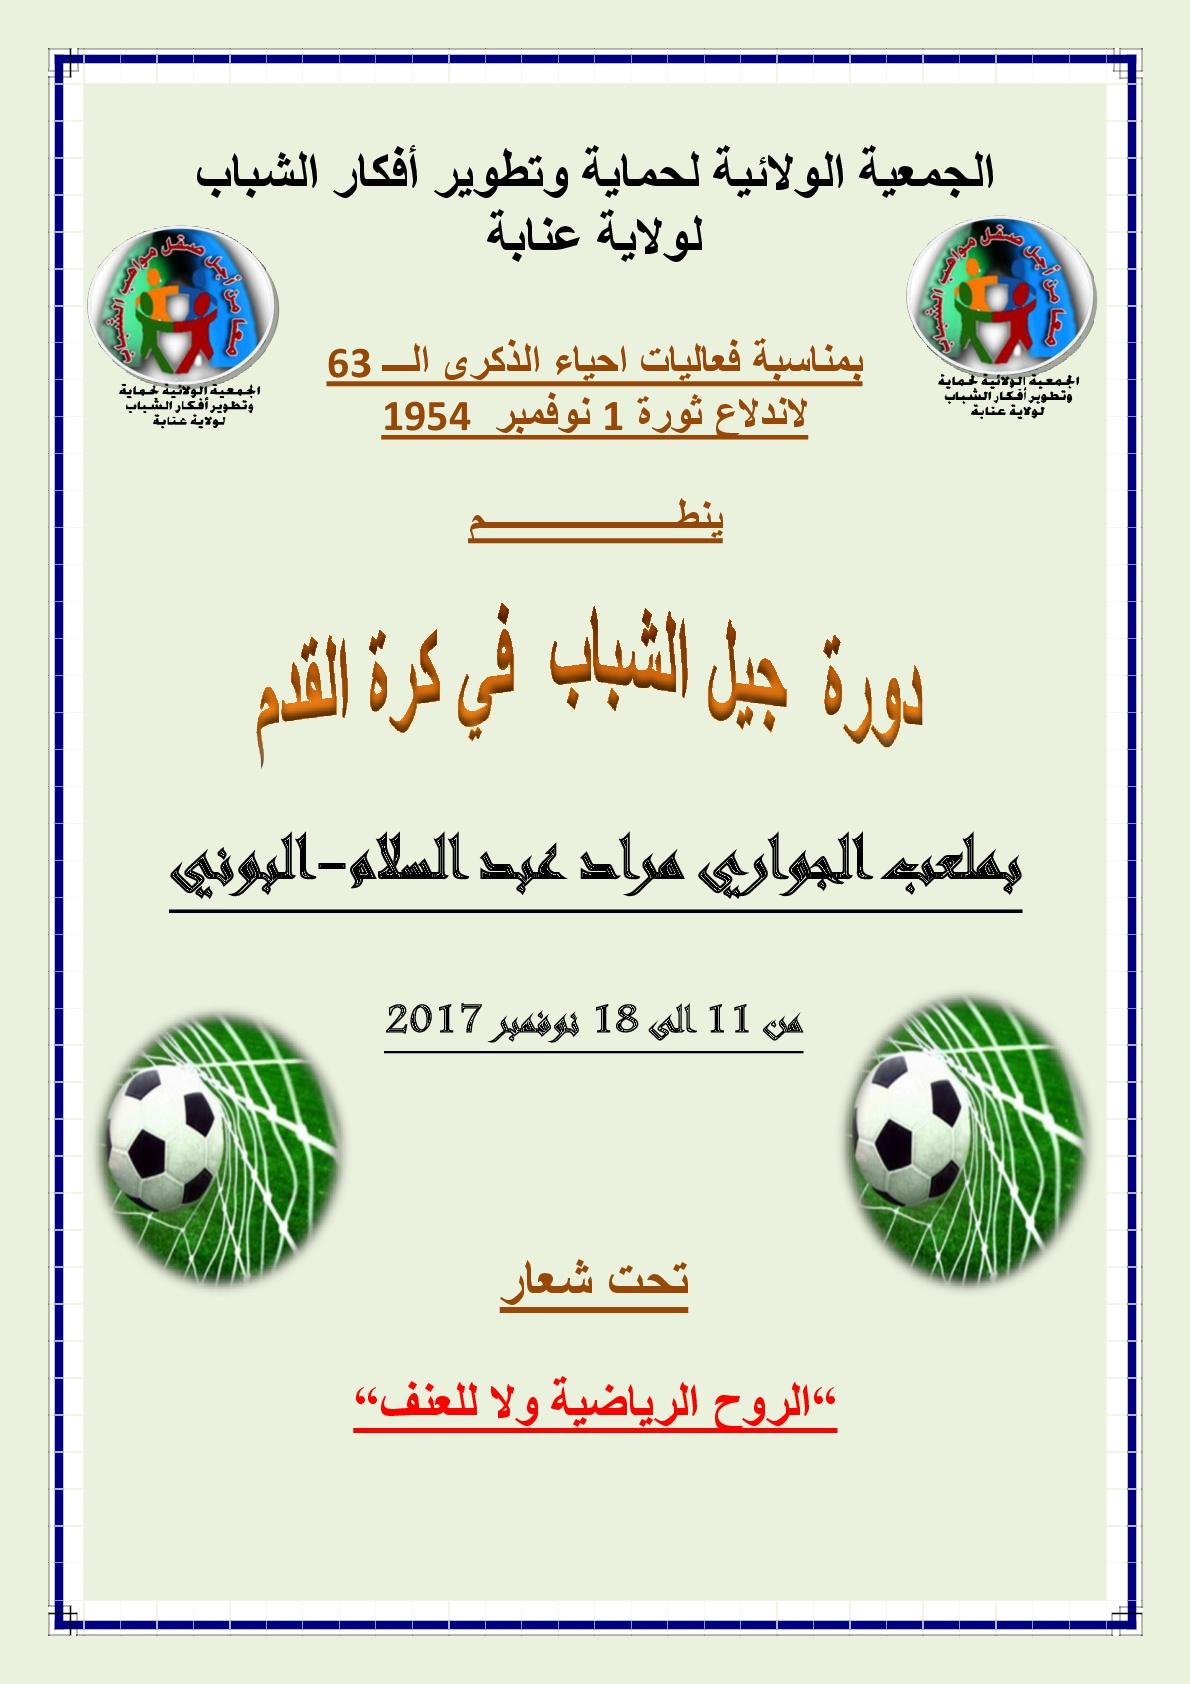 اختتام دورة الرياضية في كرة القدم  - الجمعية الولائية لحماية وتطوير أفكار الشباب لولاية عنابة